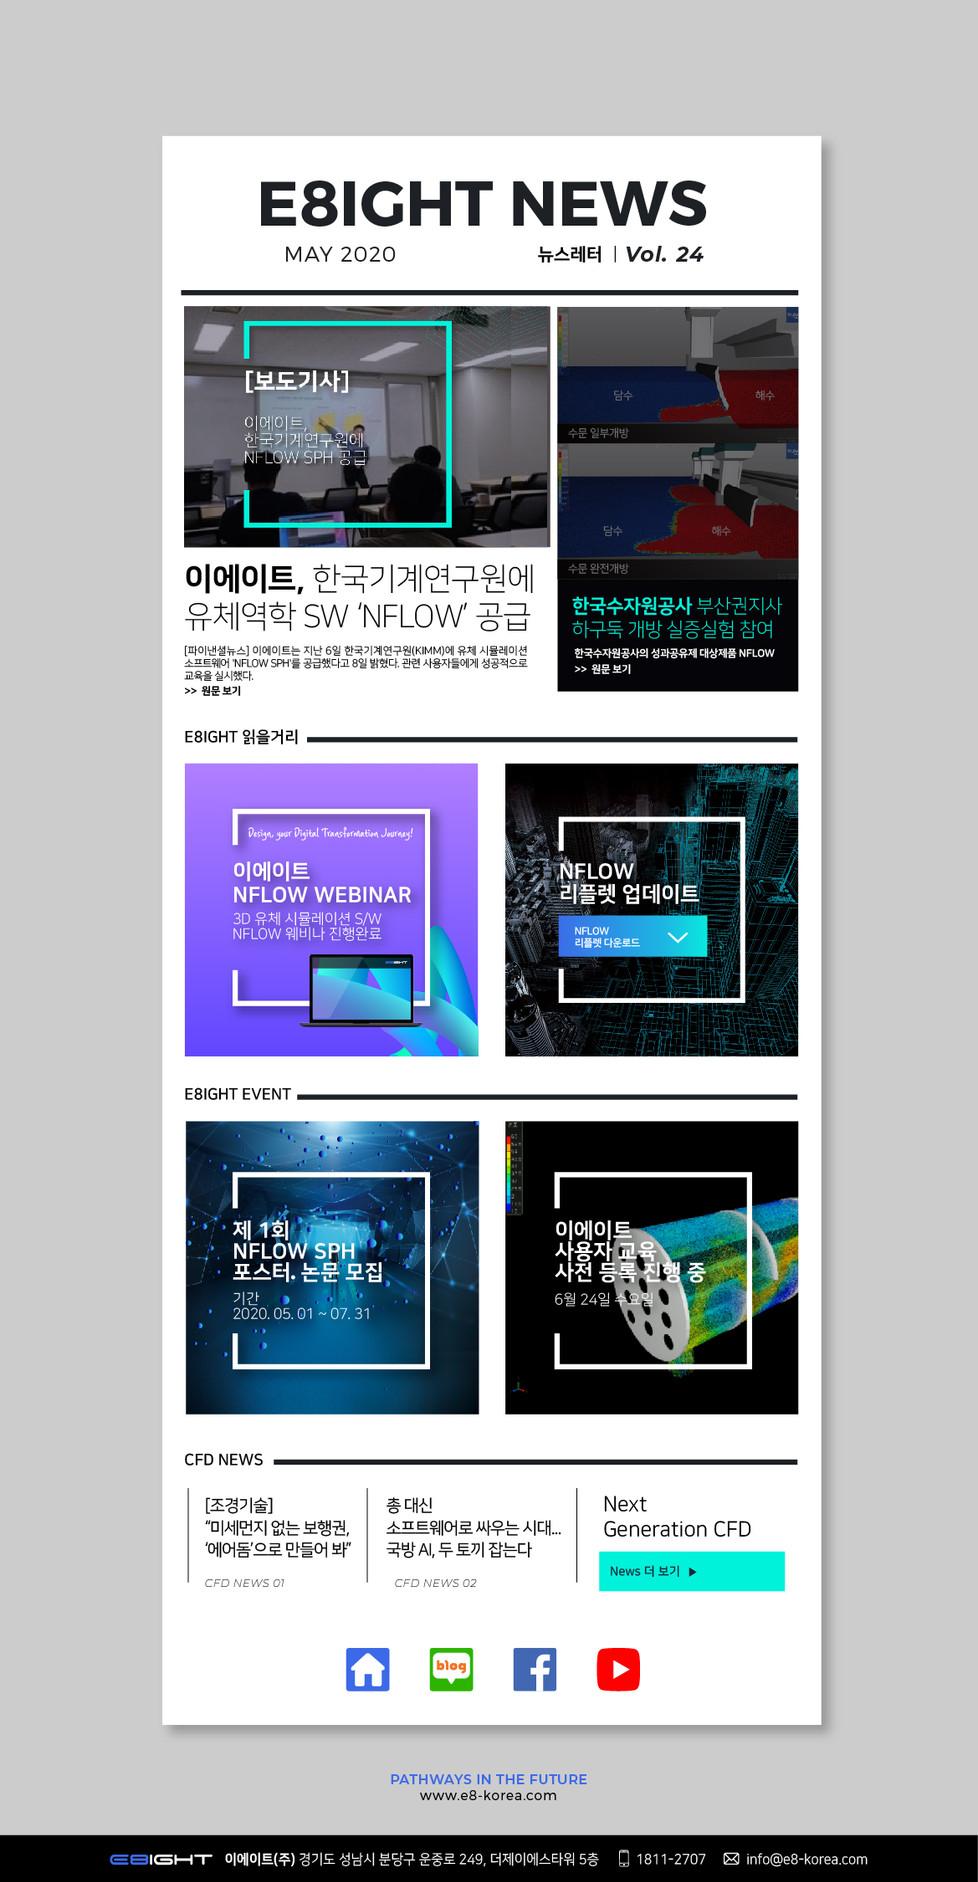 E8IGHT_NEWS_LETTER_vol.24.jpg.jpg